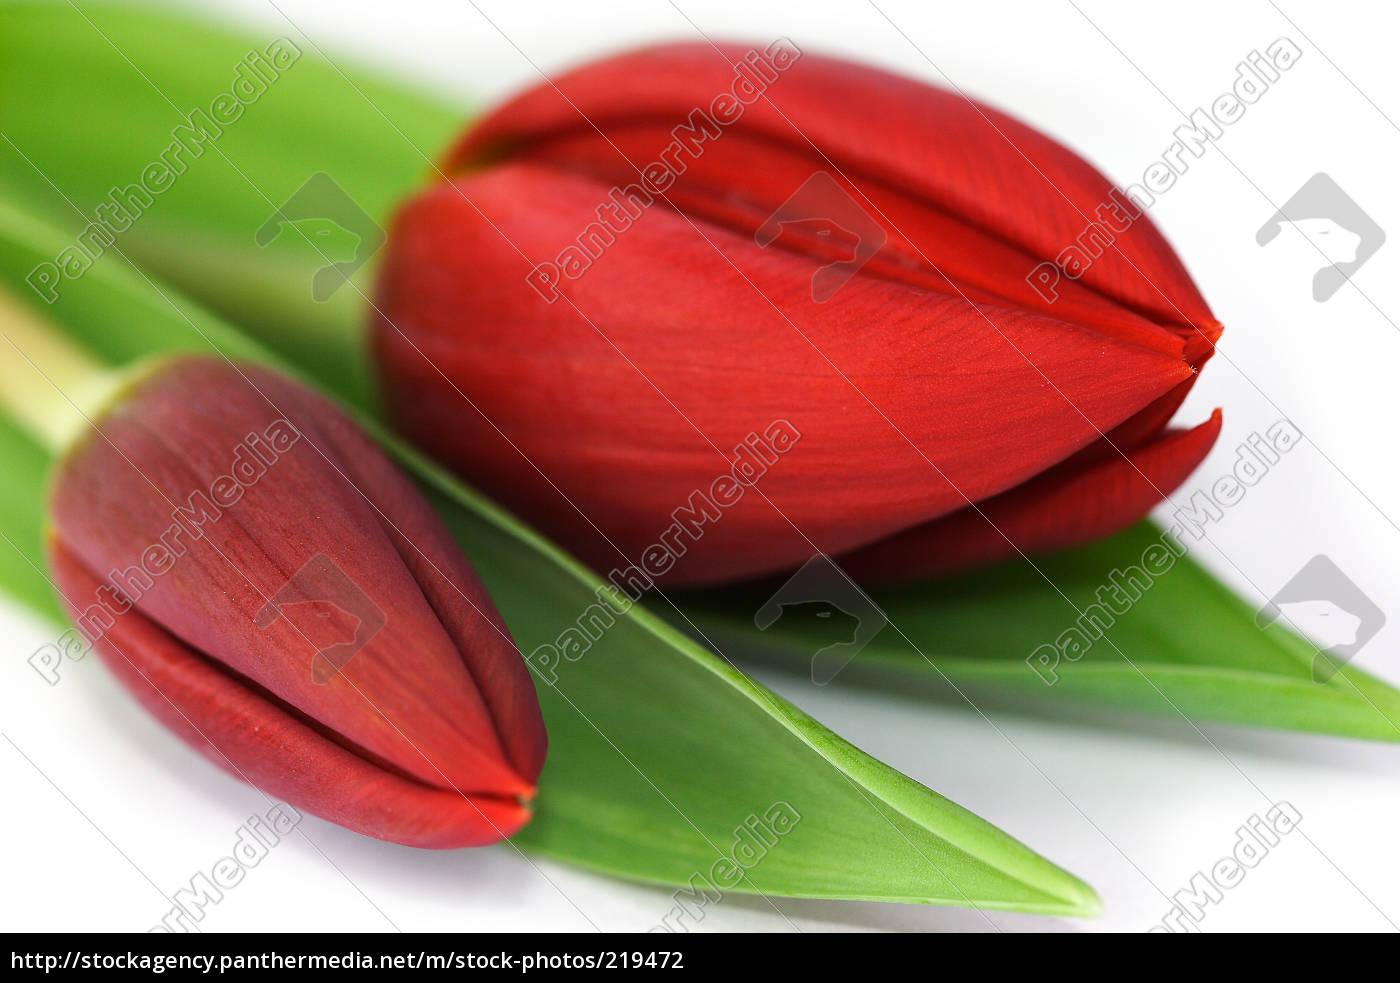 tulipa, gesneriana - 219472